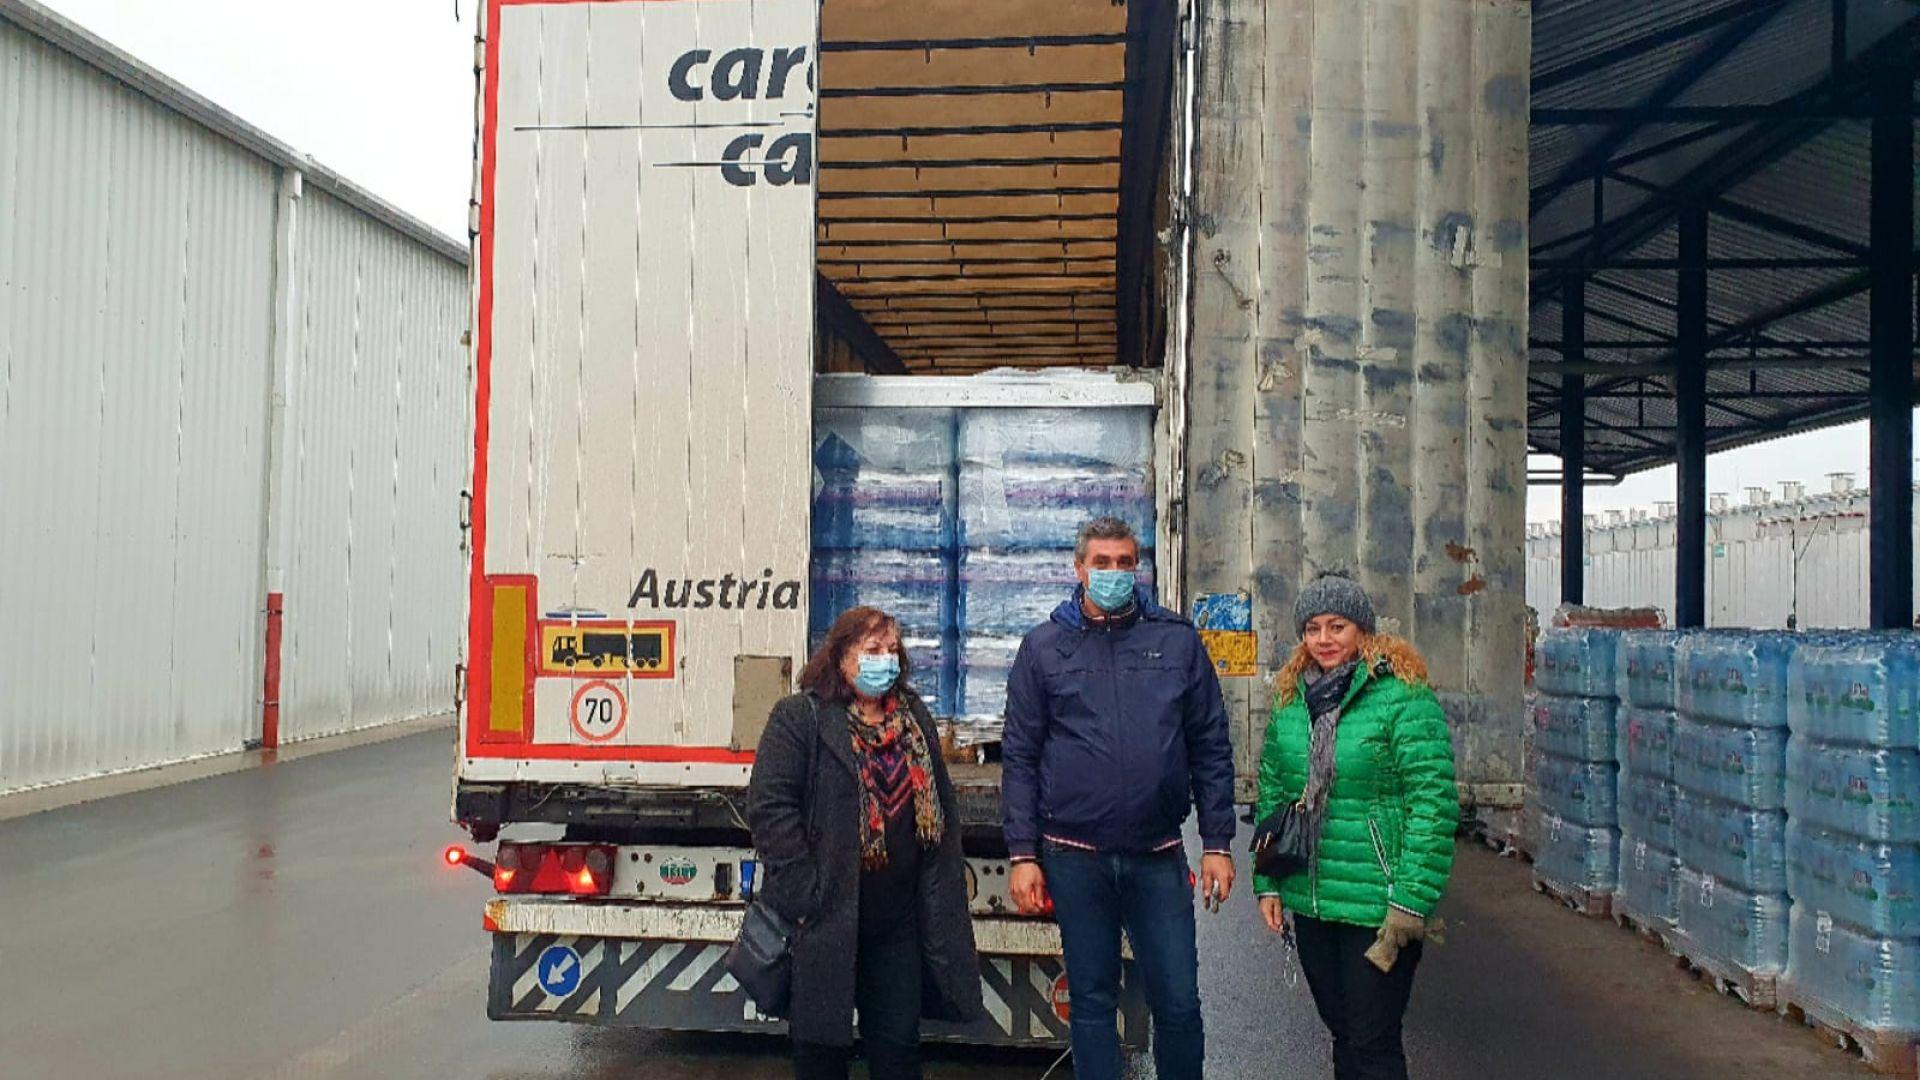 376 труса в Хърватия от 28 декември насам, пристигна първият тир с вода от България